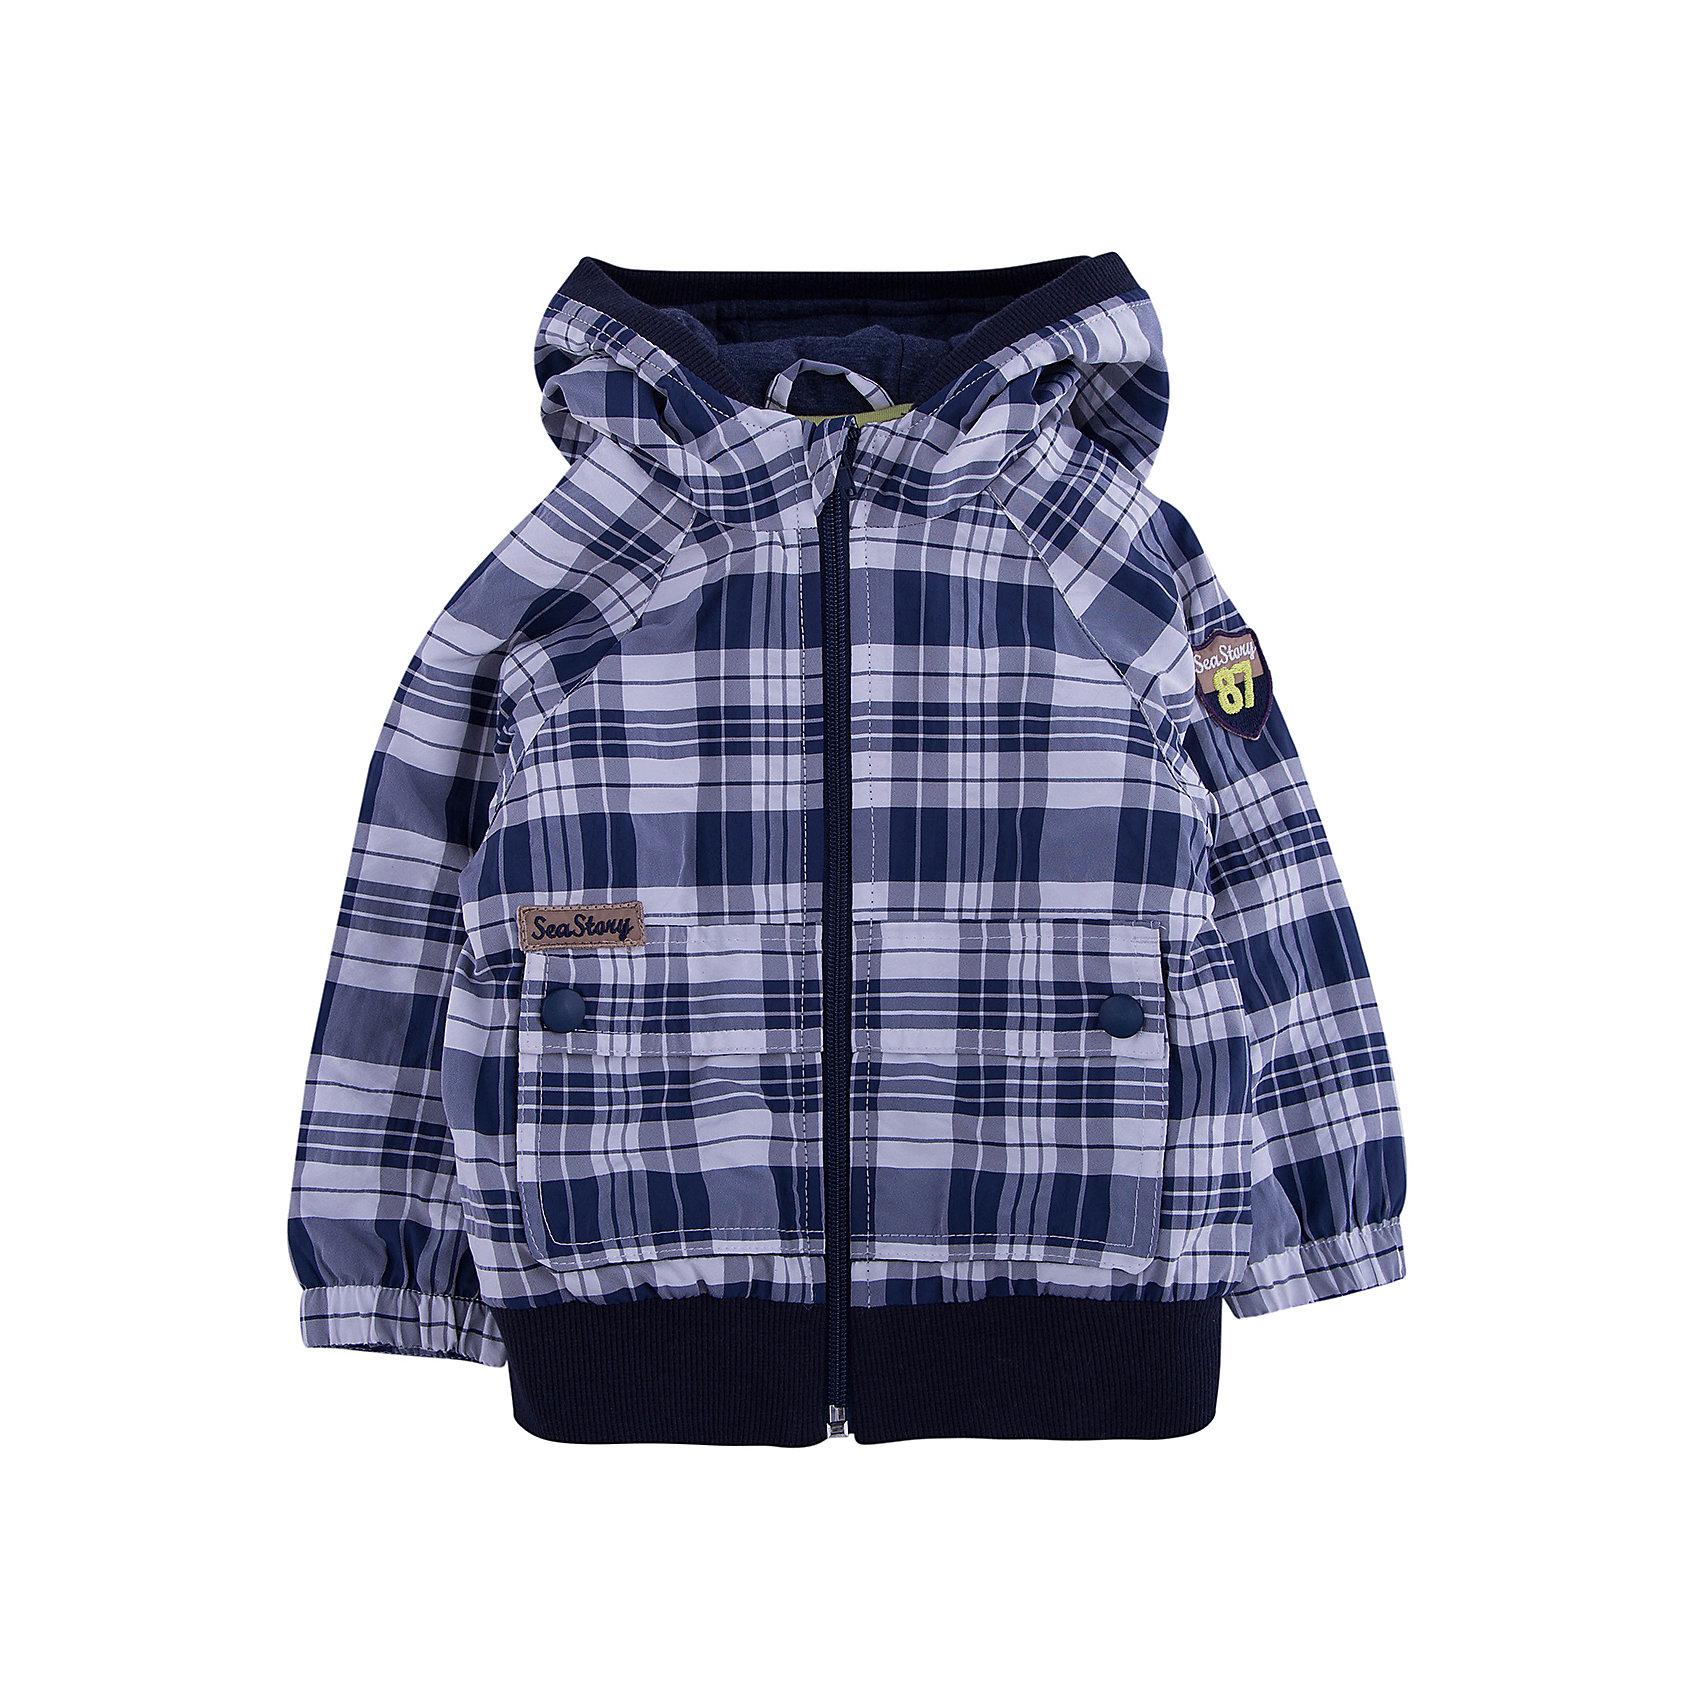 Куртка для мальчика WojcikВерхняя одежда<br>Куртка для мальчика Wojcik<br>Состав:<br>Полиэстер 51% Полиамид 49%<br><br>Ширина мм: 356<br>Глубина мм: 10<br>Высота мм: 245<br>Вес г: 519<br>Цвет: разноцветный<br>Возраст от месяцев: 18<br>Возраст до месяцев: 24<br>Пол: Мужской<br>Возраст: Детский<br>Размер: 92,68,74<br>SKU: 5588678